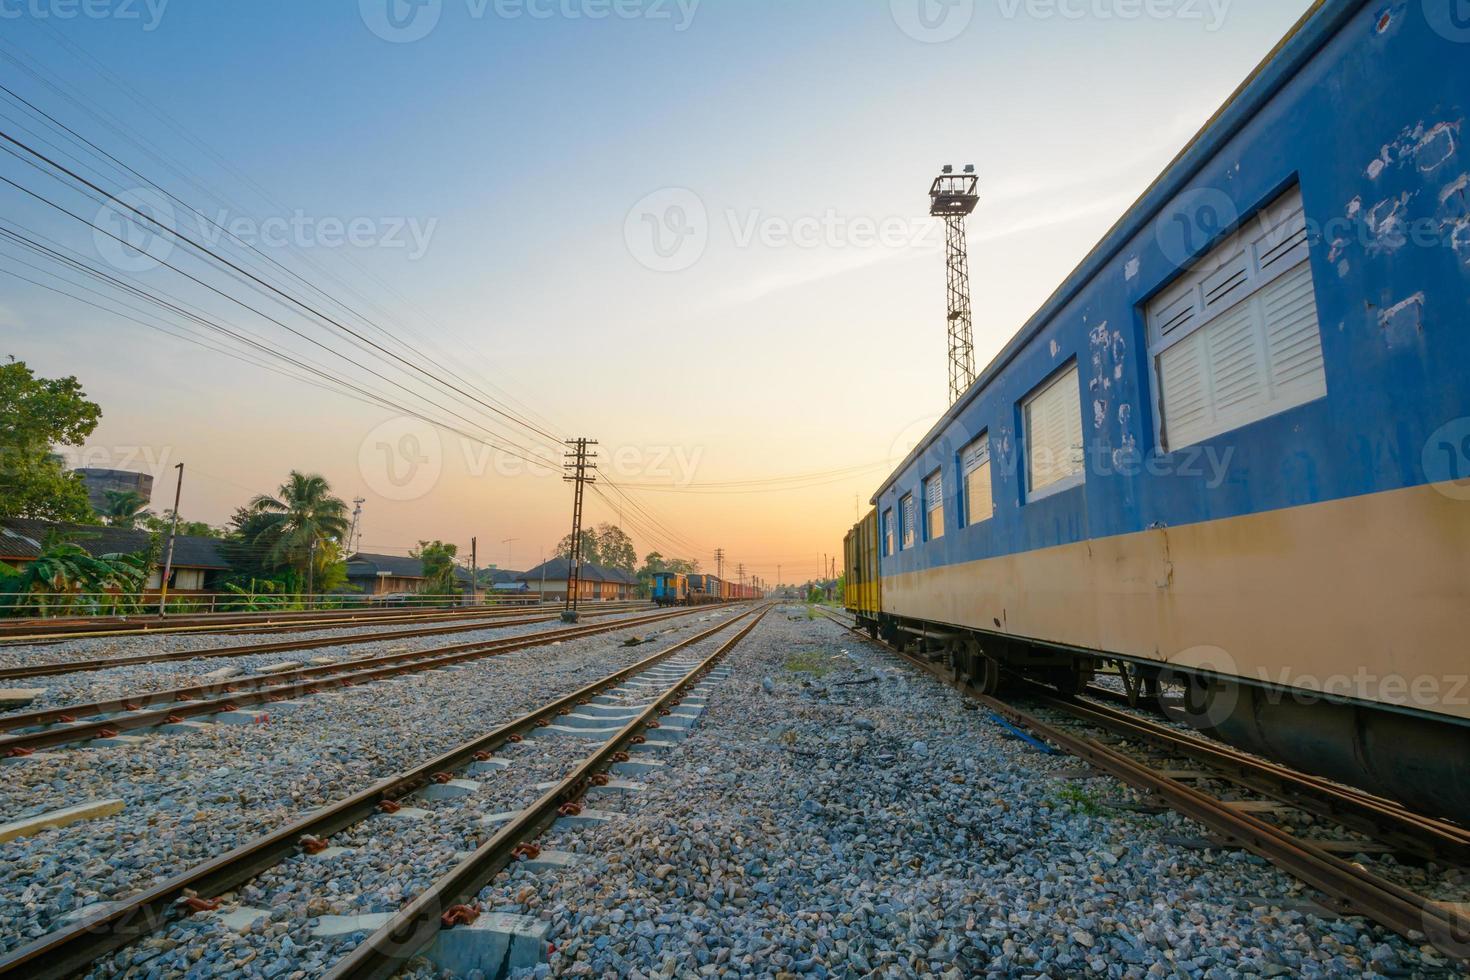 binari del treno e vagone foto